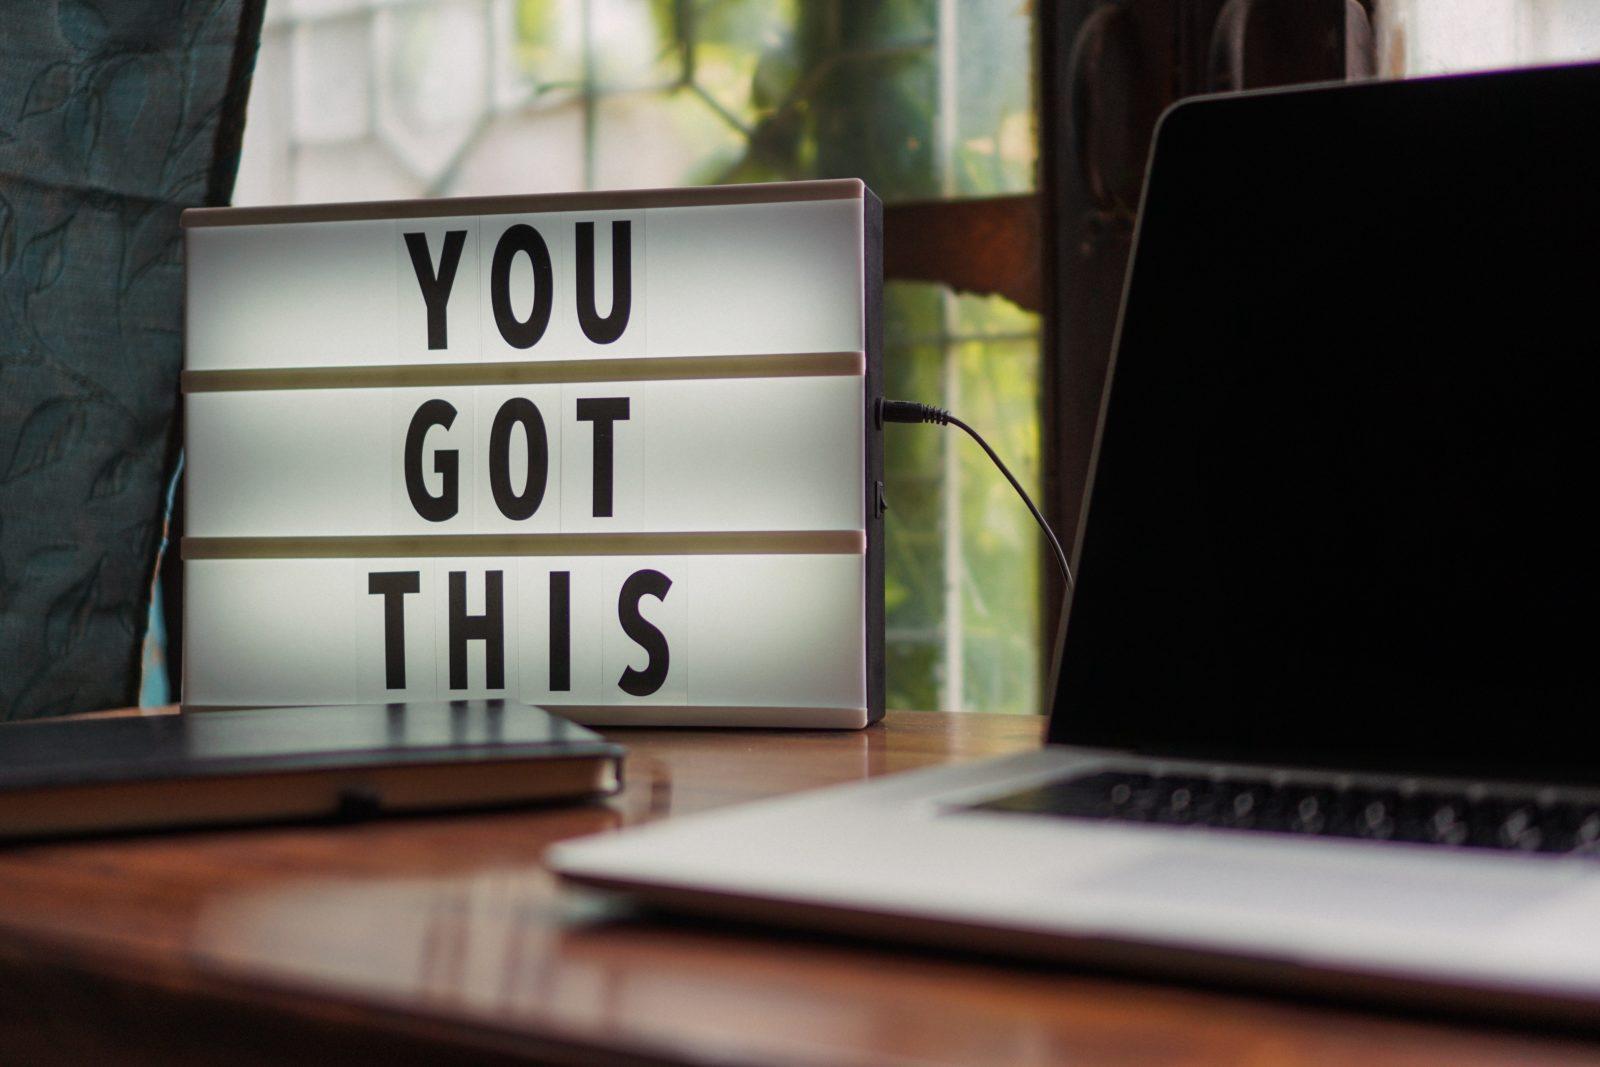 Sonbahara Girerken Motivasyon Artırıcı Öneriler – Hepsini Denedim & Onaylıyorum